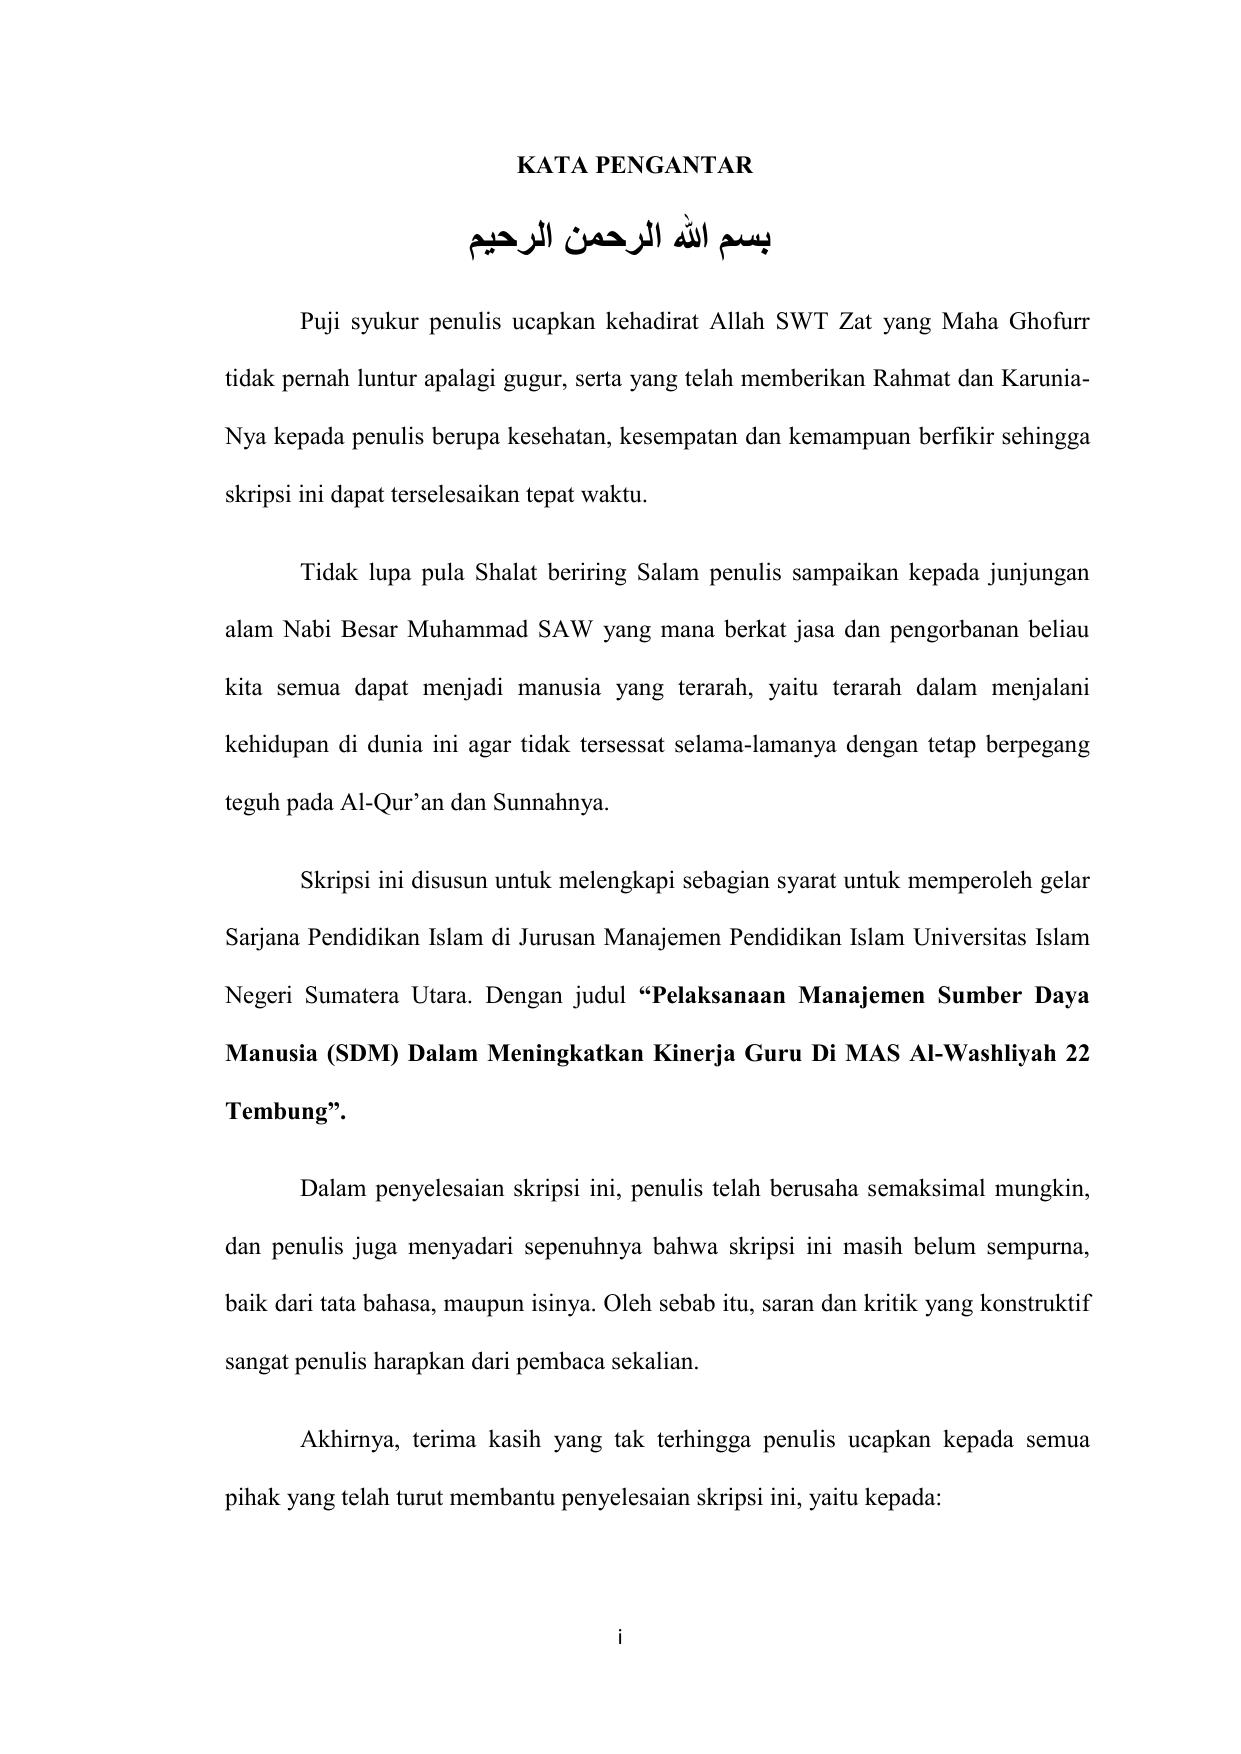 بسم هللا الرحمن الرحيم Repository Uin Sumatera Utara